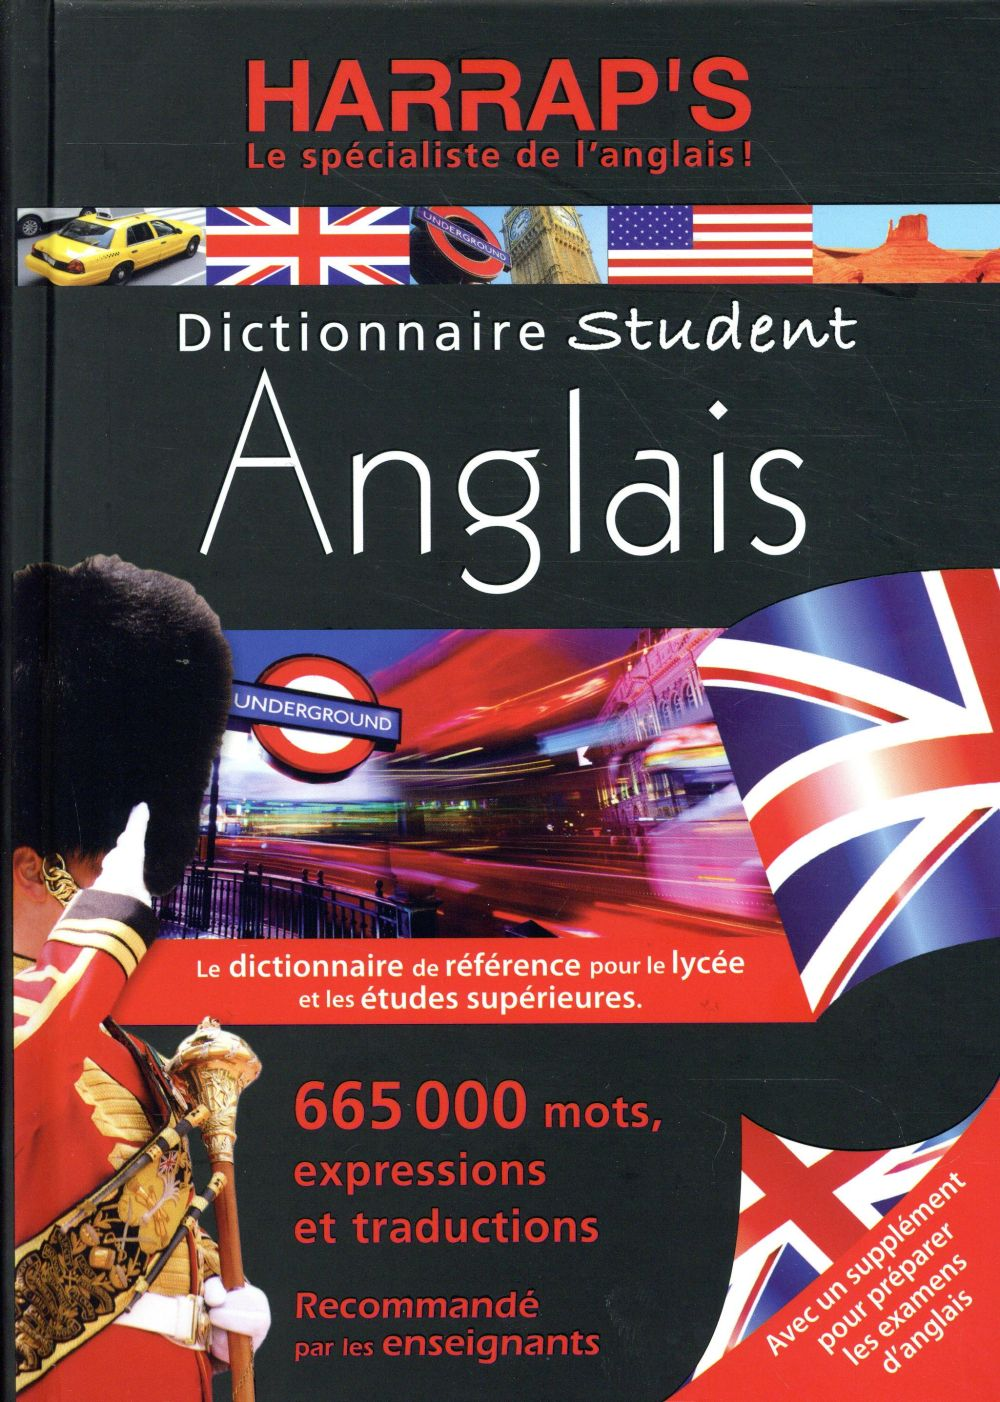 - HARRAP'S DICTIONNAIRE STUDENT ANGLAIS